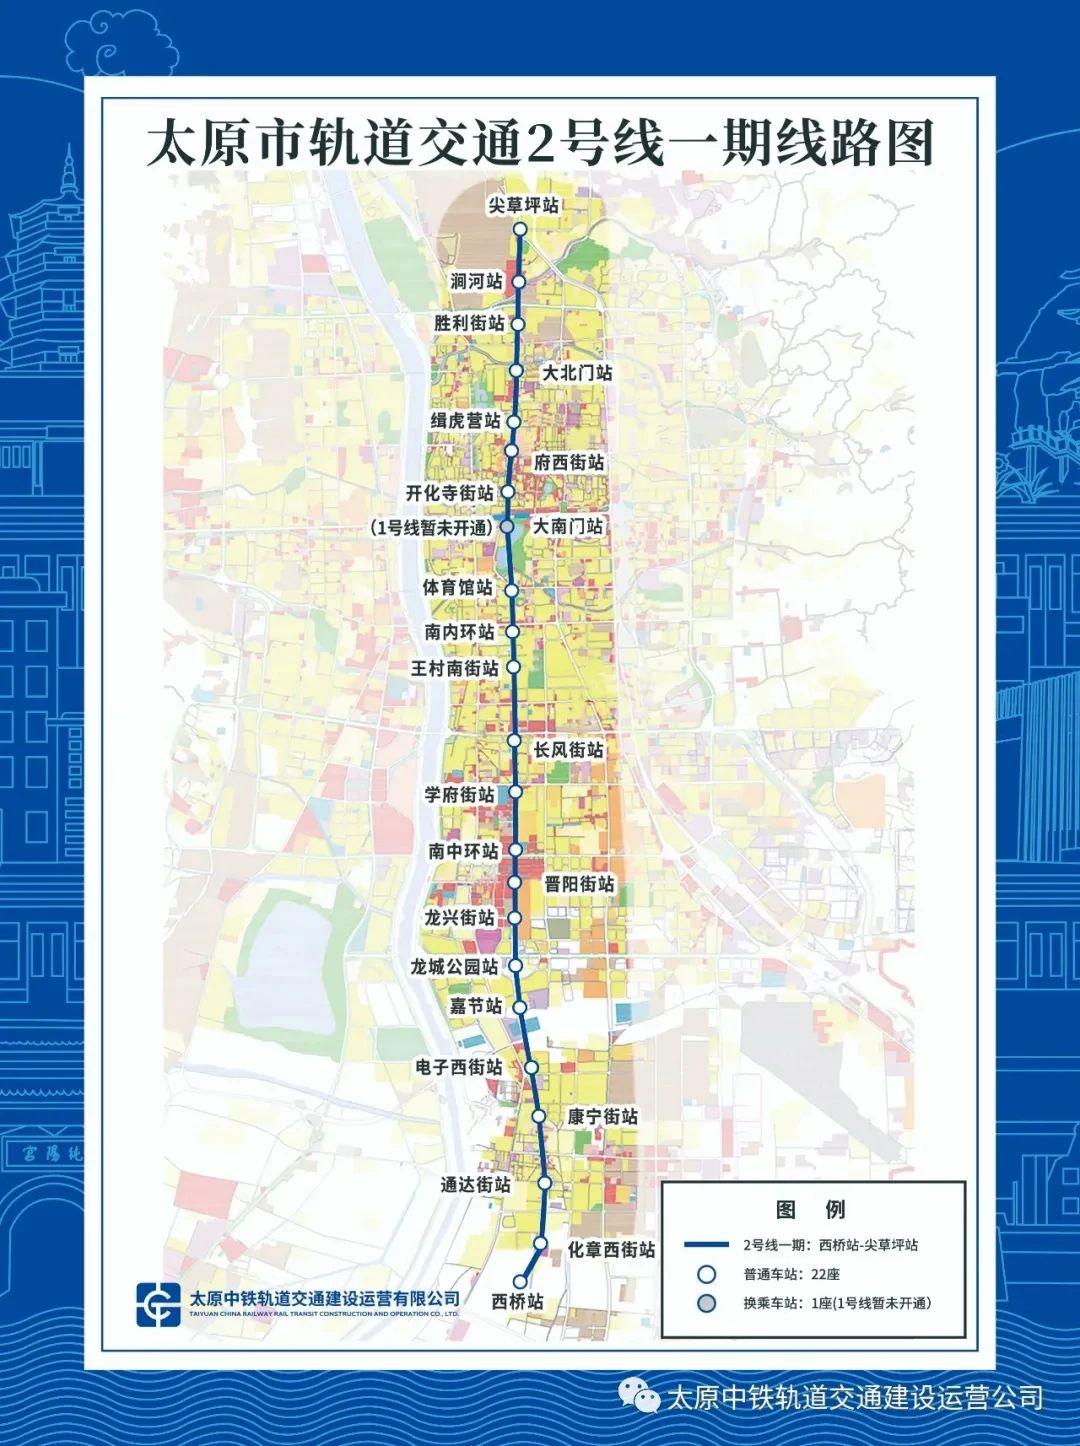 关注 | 混凝土需求来了!1.5万亿!2020年12月获批重大轨道交通项目汇总(附具体线路)